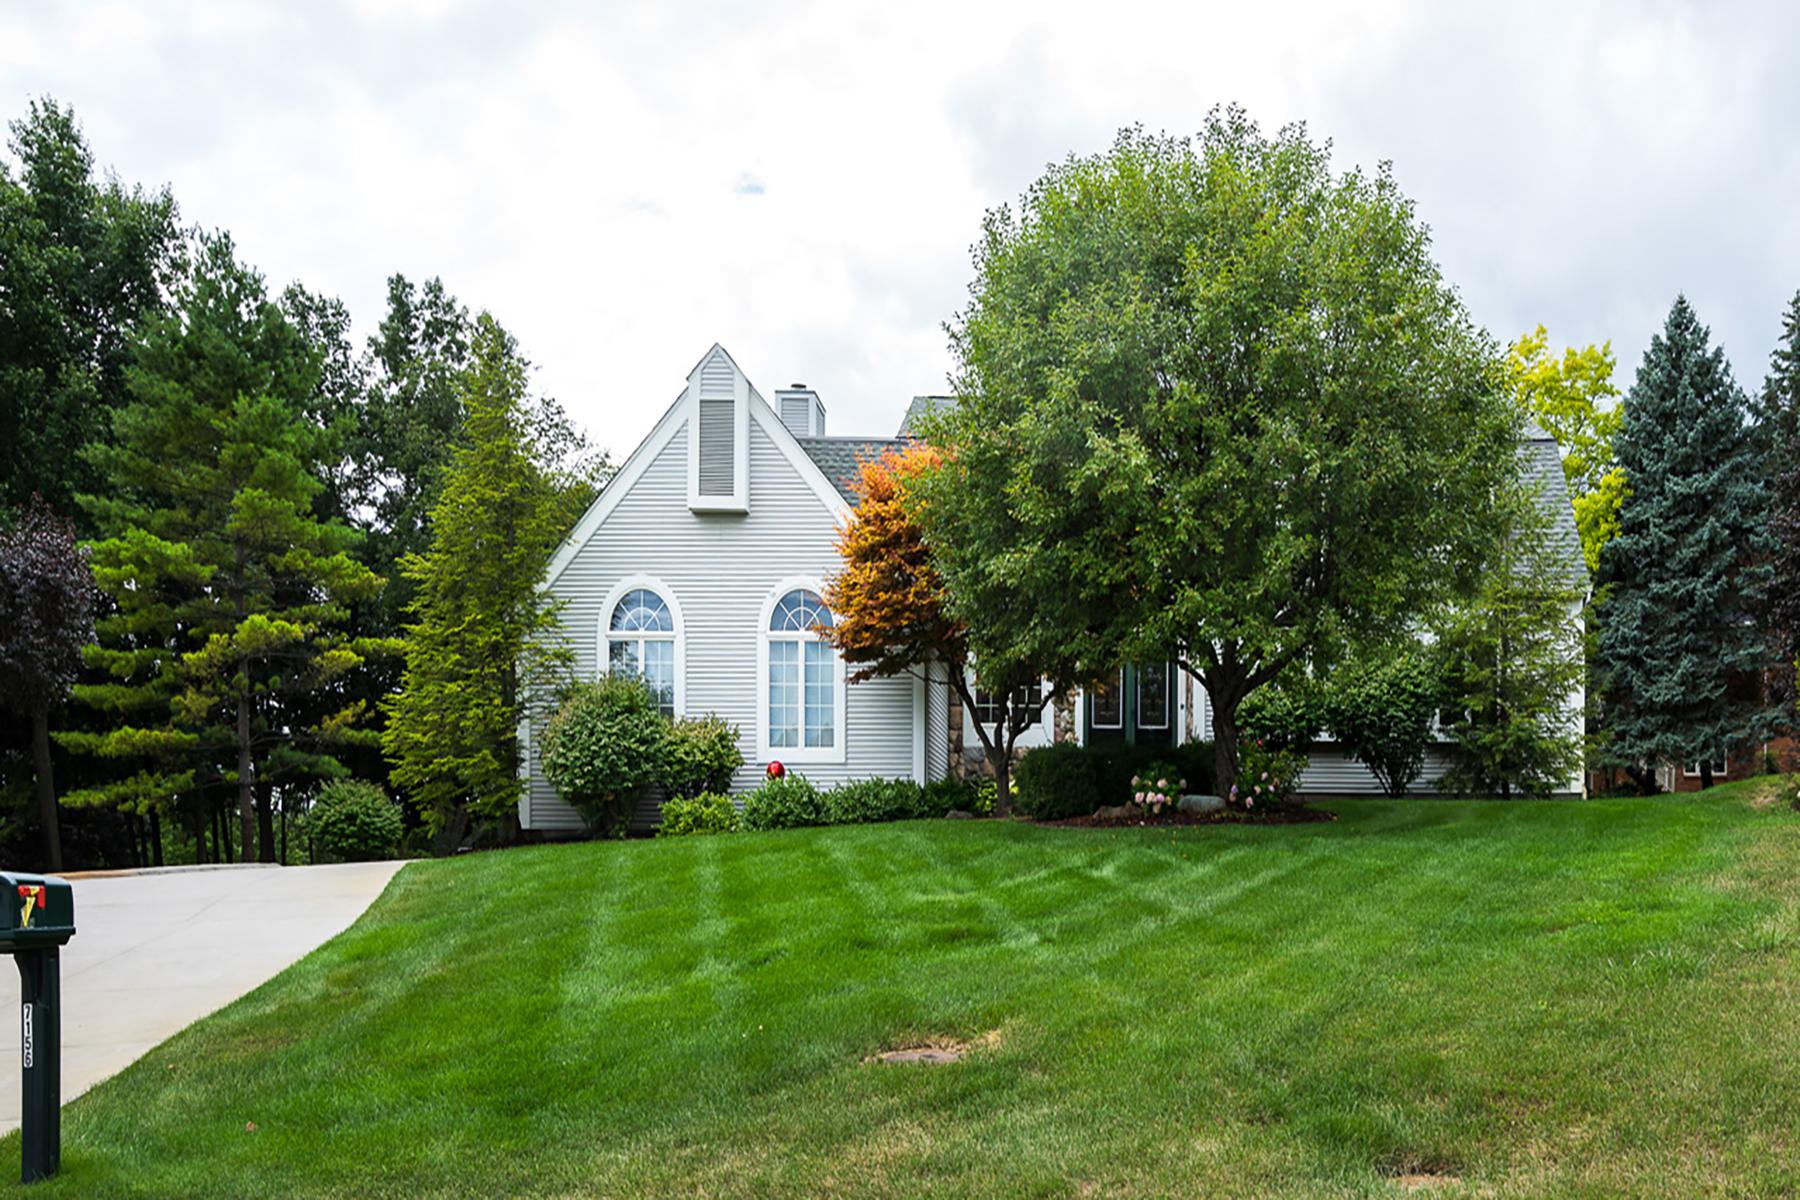 Частный односемейный дом для того Продажа на Washington Township 7156 Wellington PL Washington Township, Мичиган, 48094 Соединенные Штаты